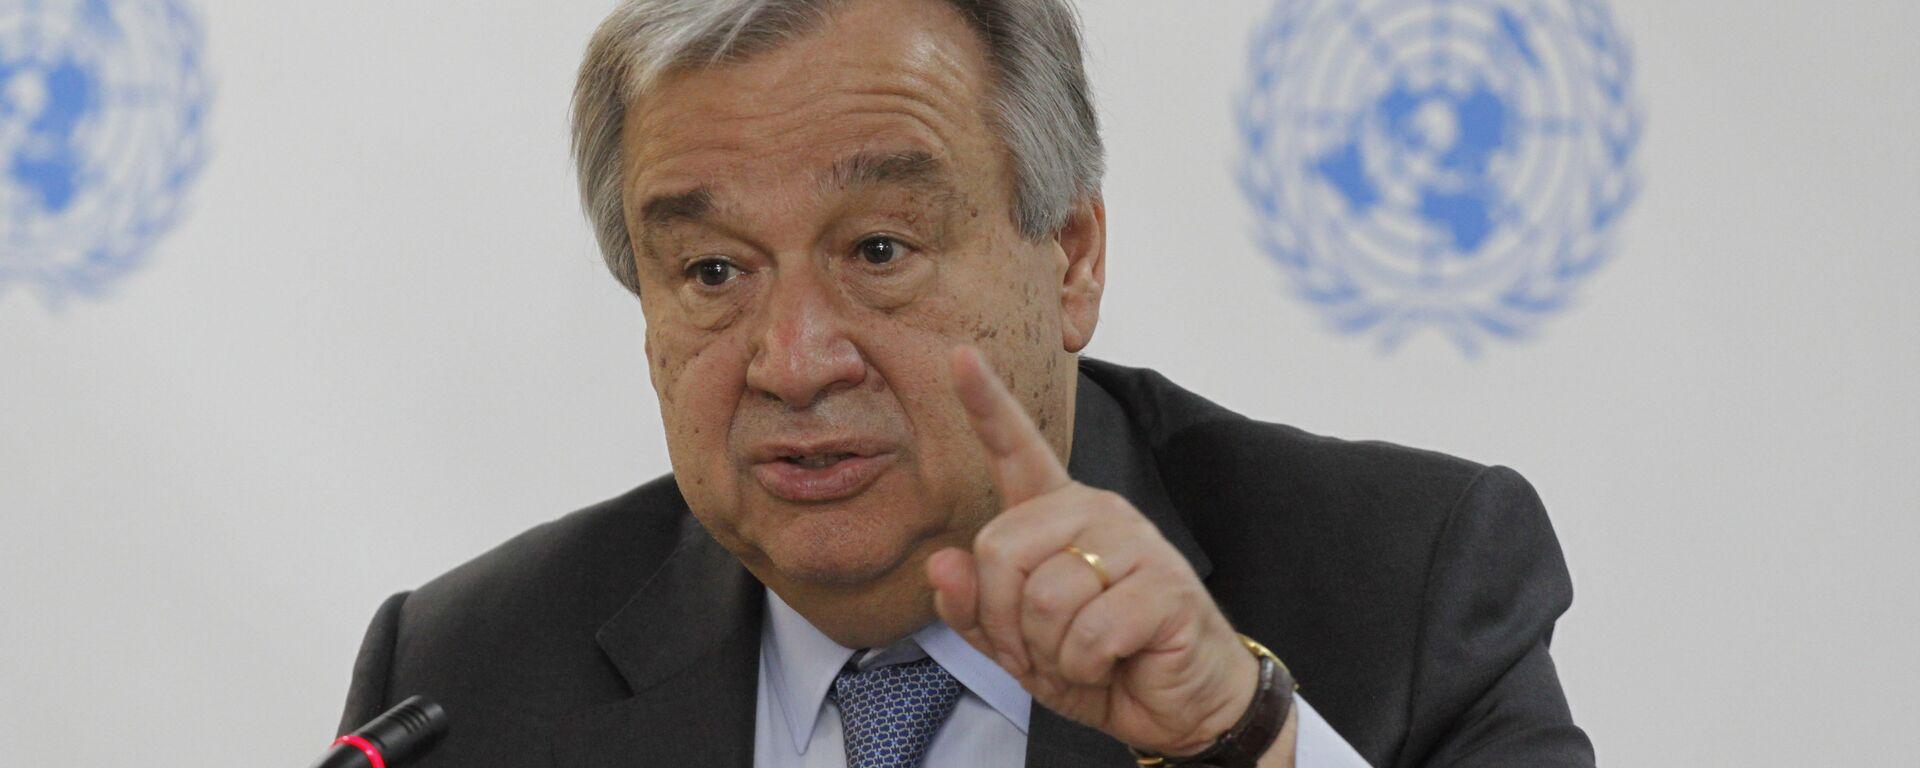 Secretario general de la ONU, Antonio Guterres - Sputnik Mundo, 1920, 21.06.2021